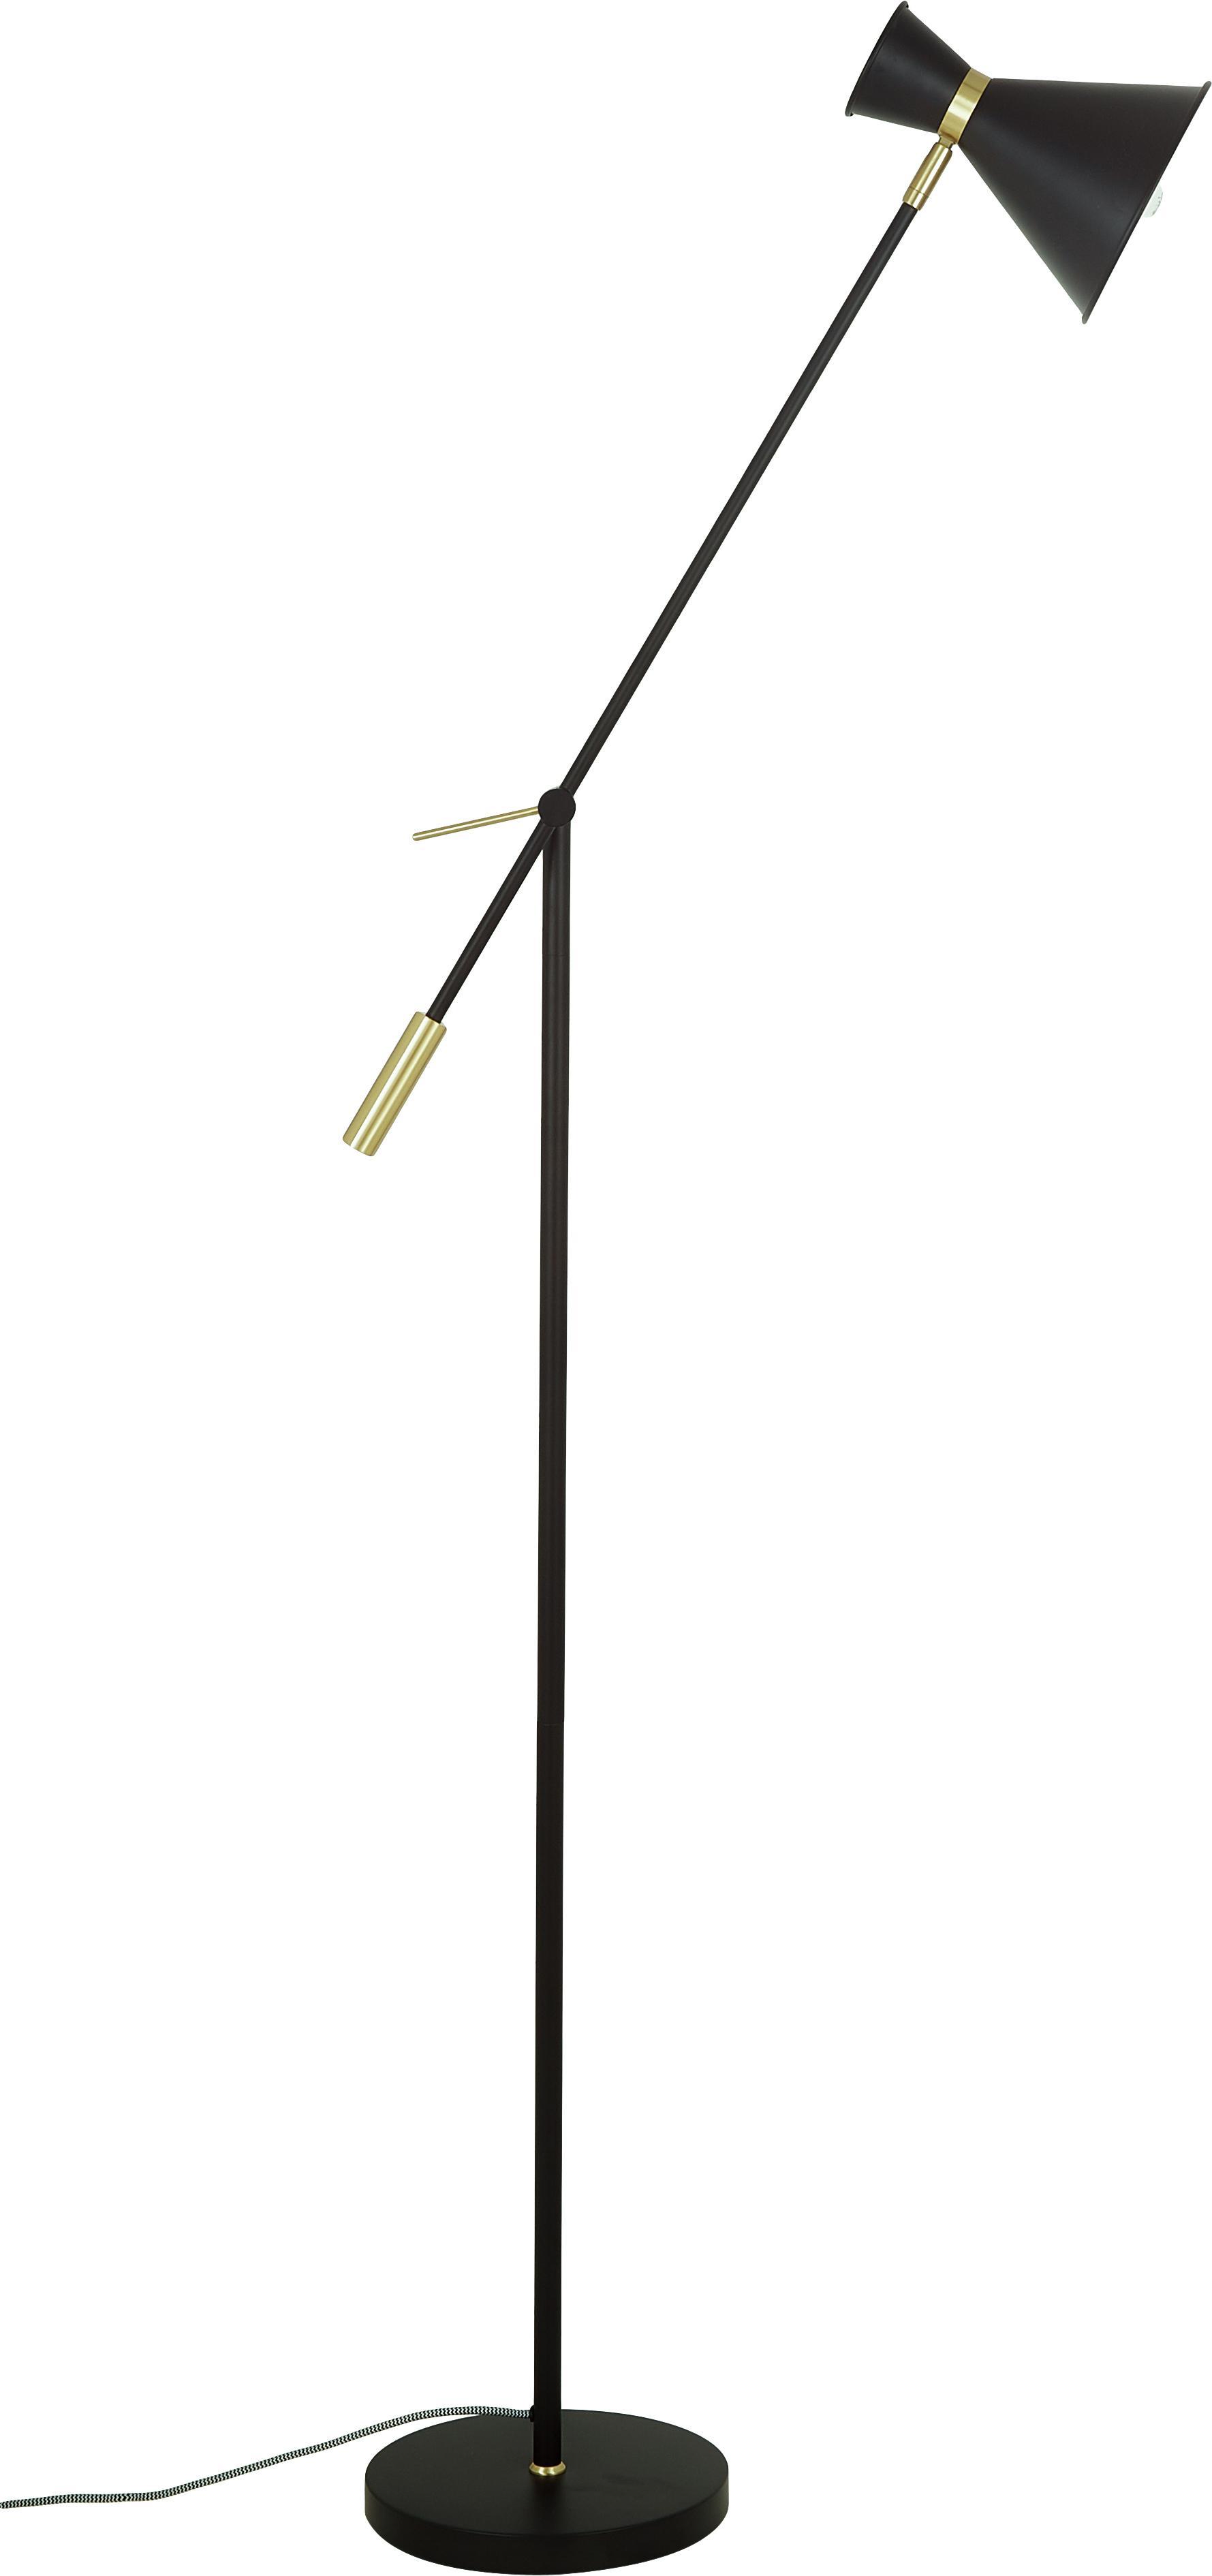 Lámpara de pie de metal Audrey, estilo retro, Pantalla: metal con pintura en polv, Cable: cubierto en tela, Negro mate, Ø 18 x Al 145 cm